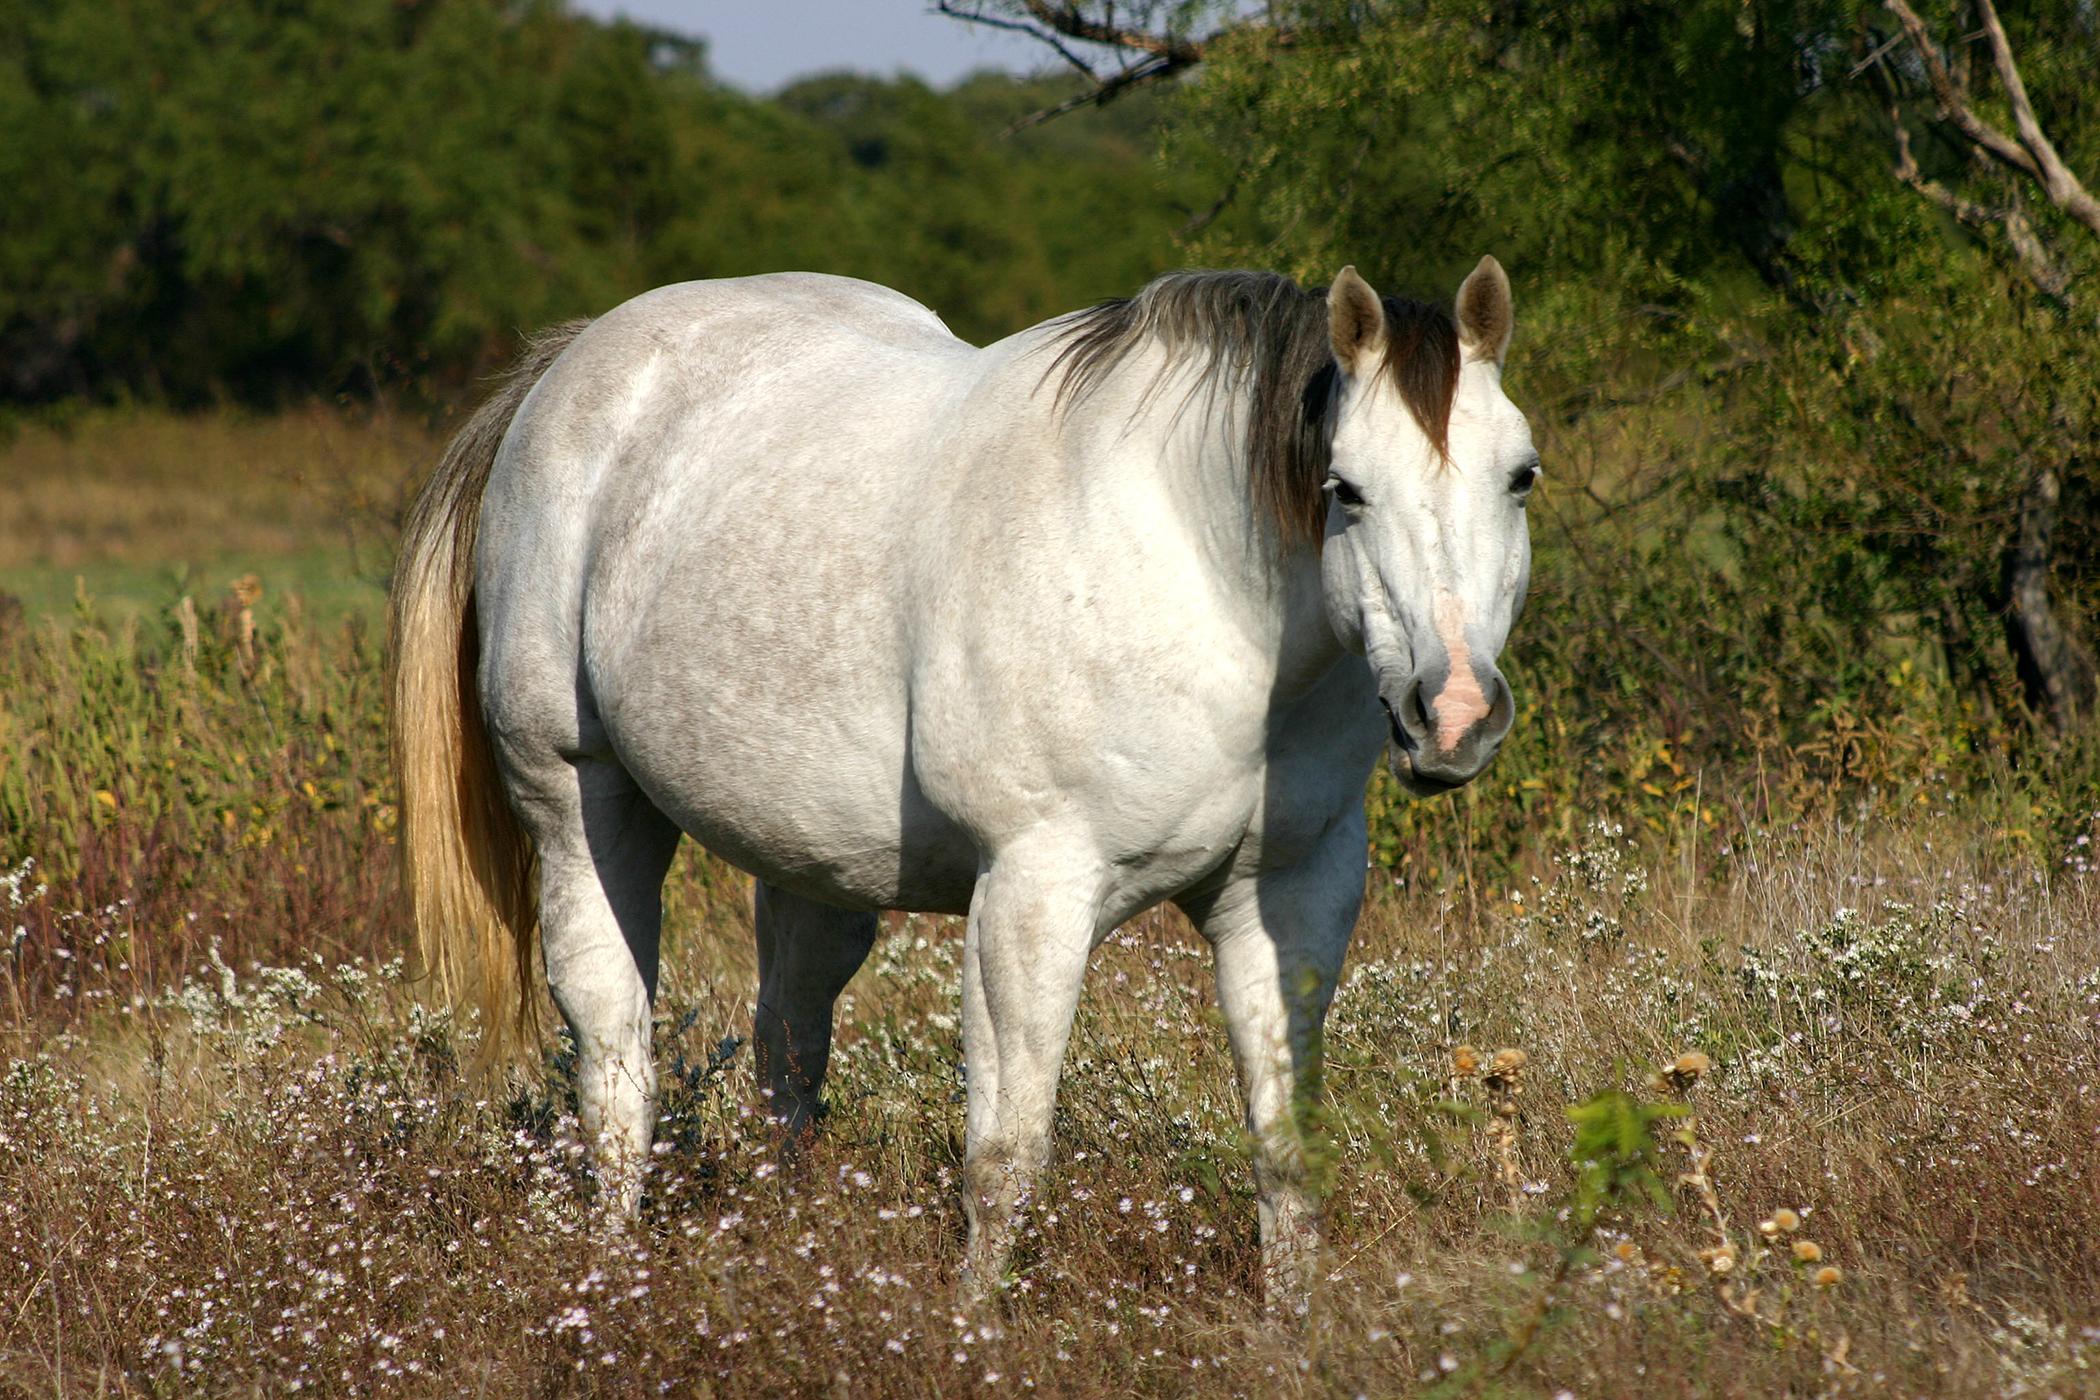 Equine Flu: Flu Vaccine Allergy In Horses